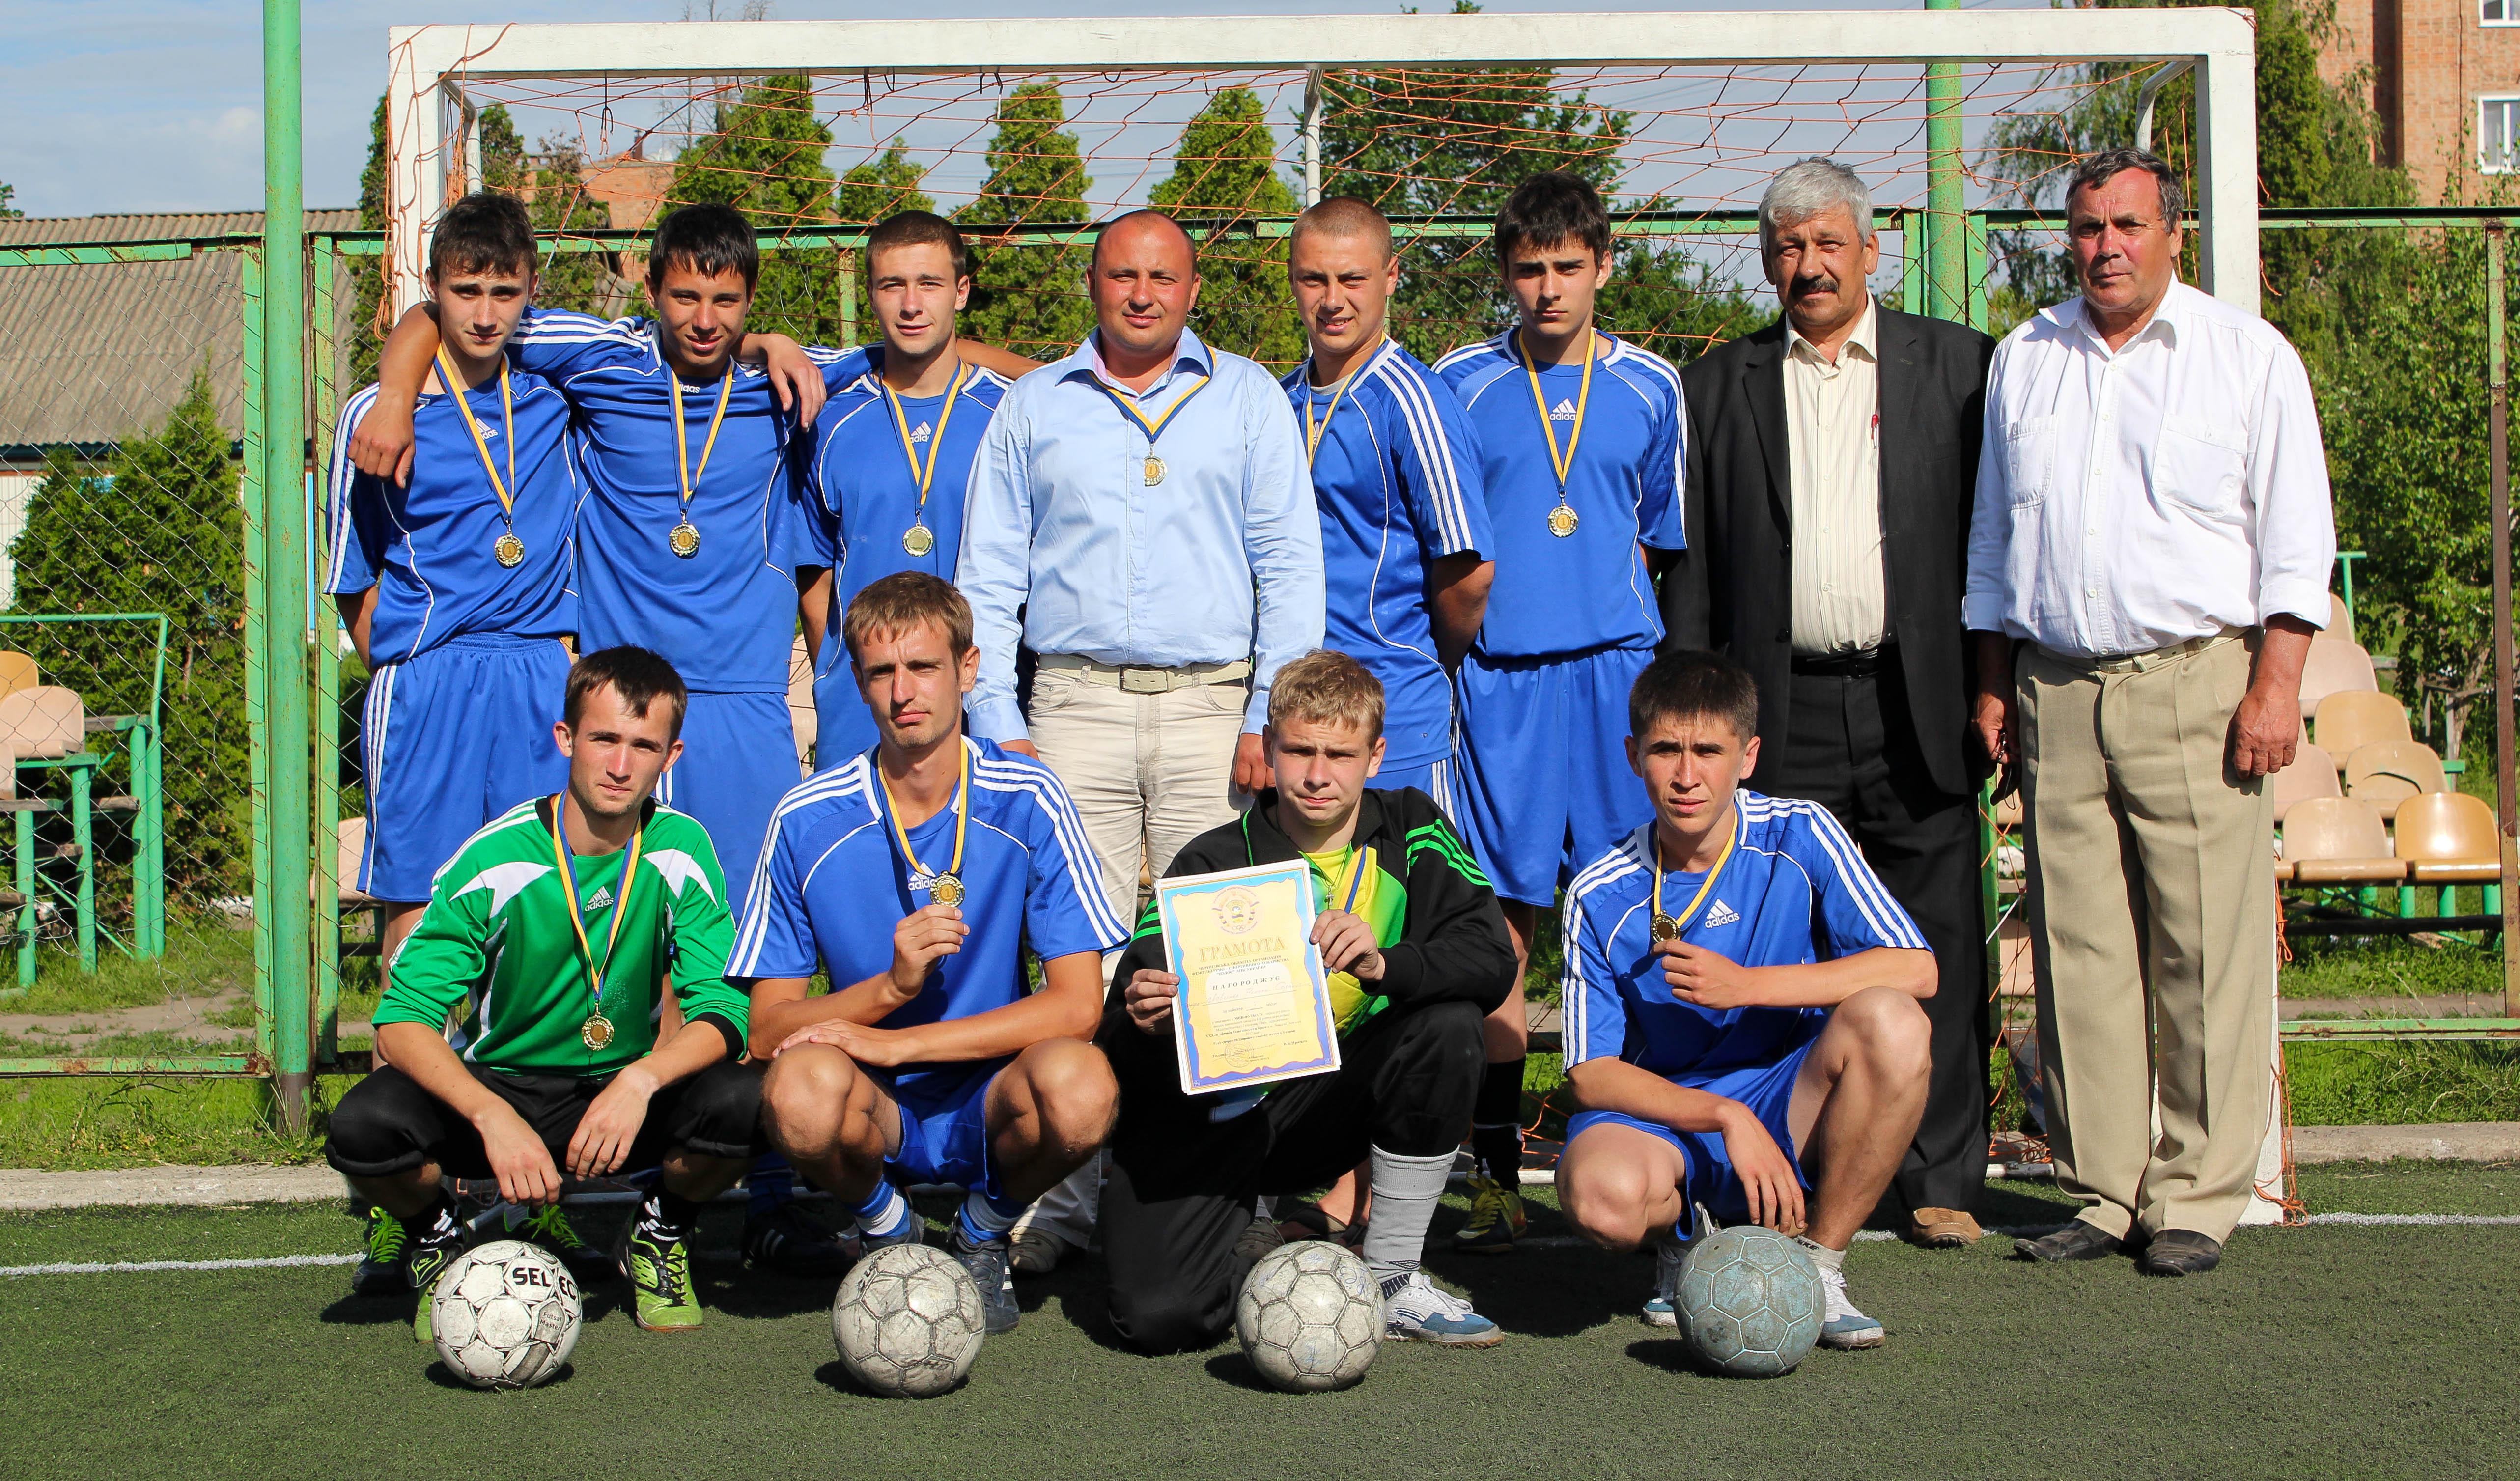 http://agrokoledg.at.ua/20120525-IMG_4955.jpg